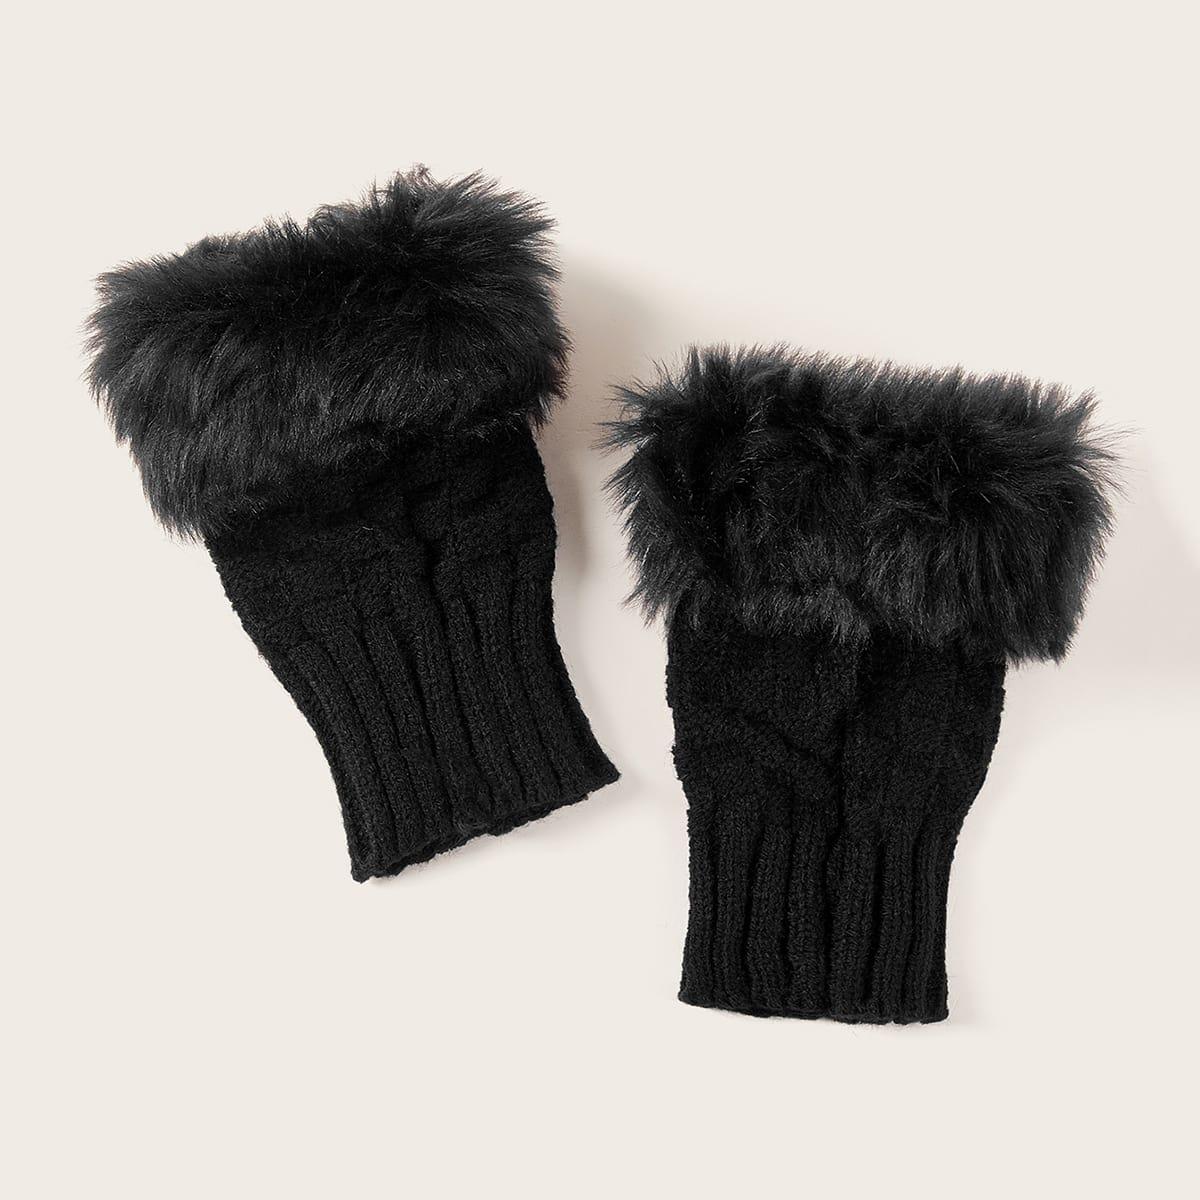 Вязаные перчатки с плюшевой отделкой 1 пара